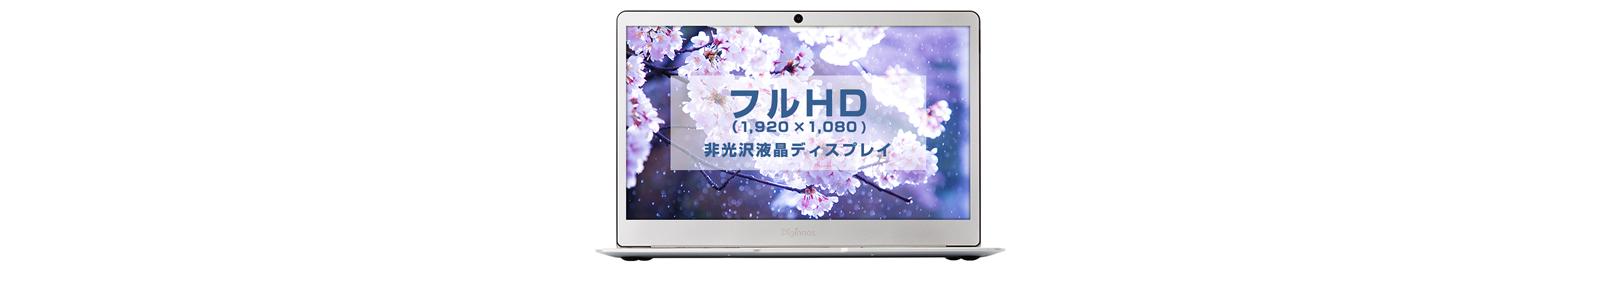 Diginnos Note Altair VH-AD3S banner